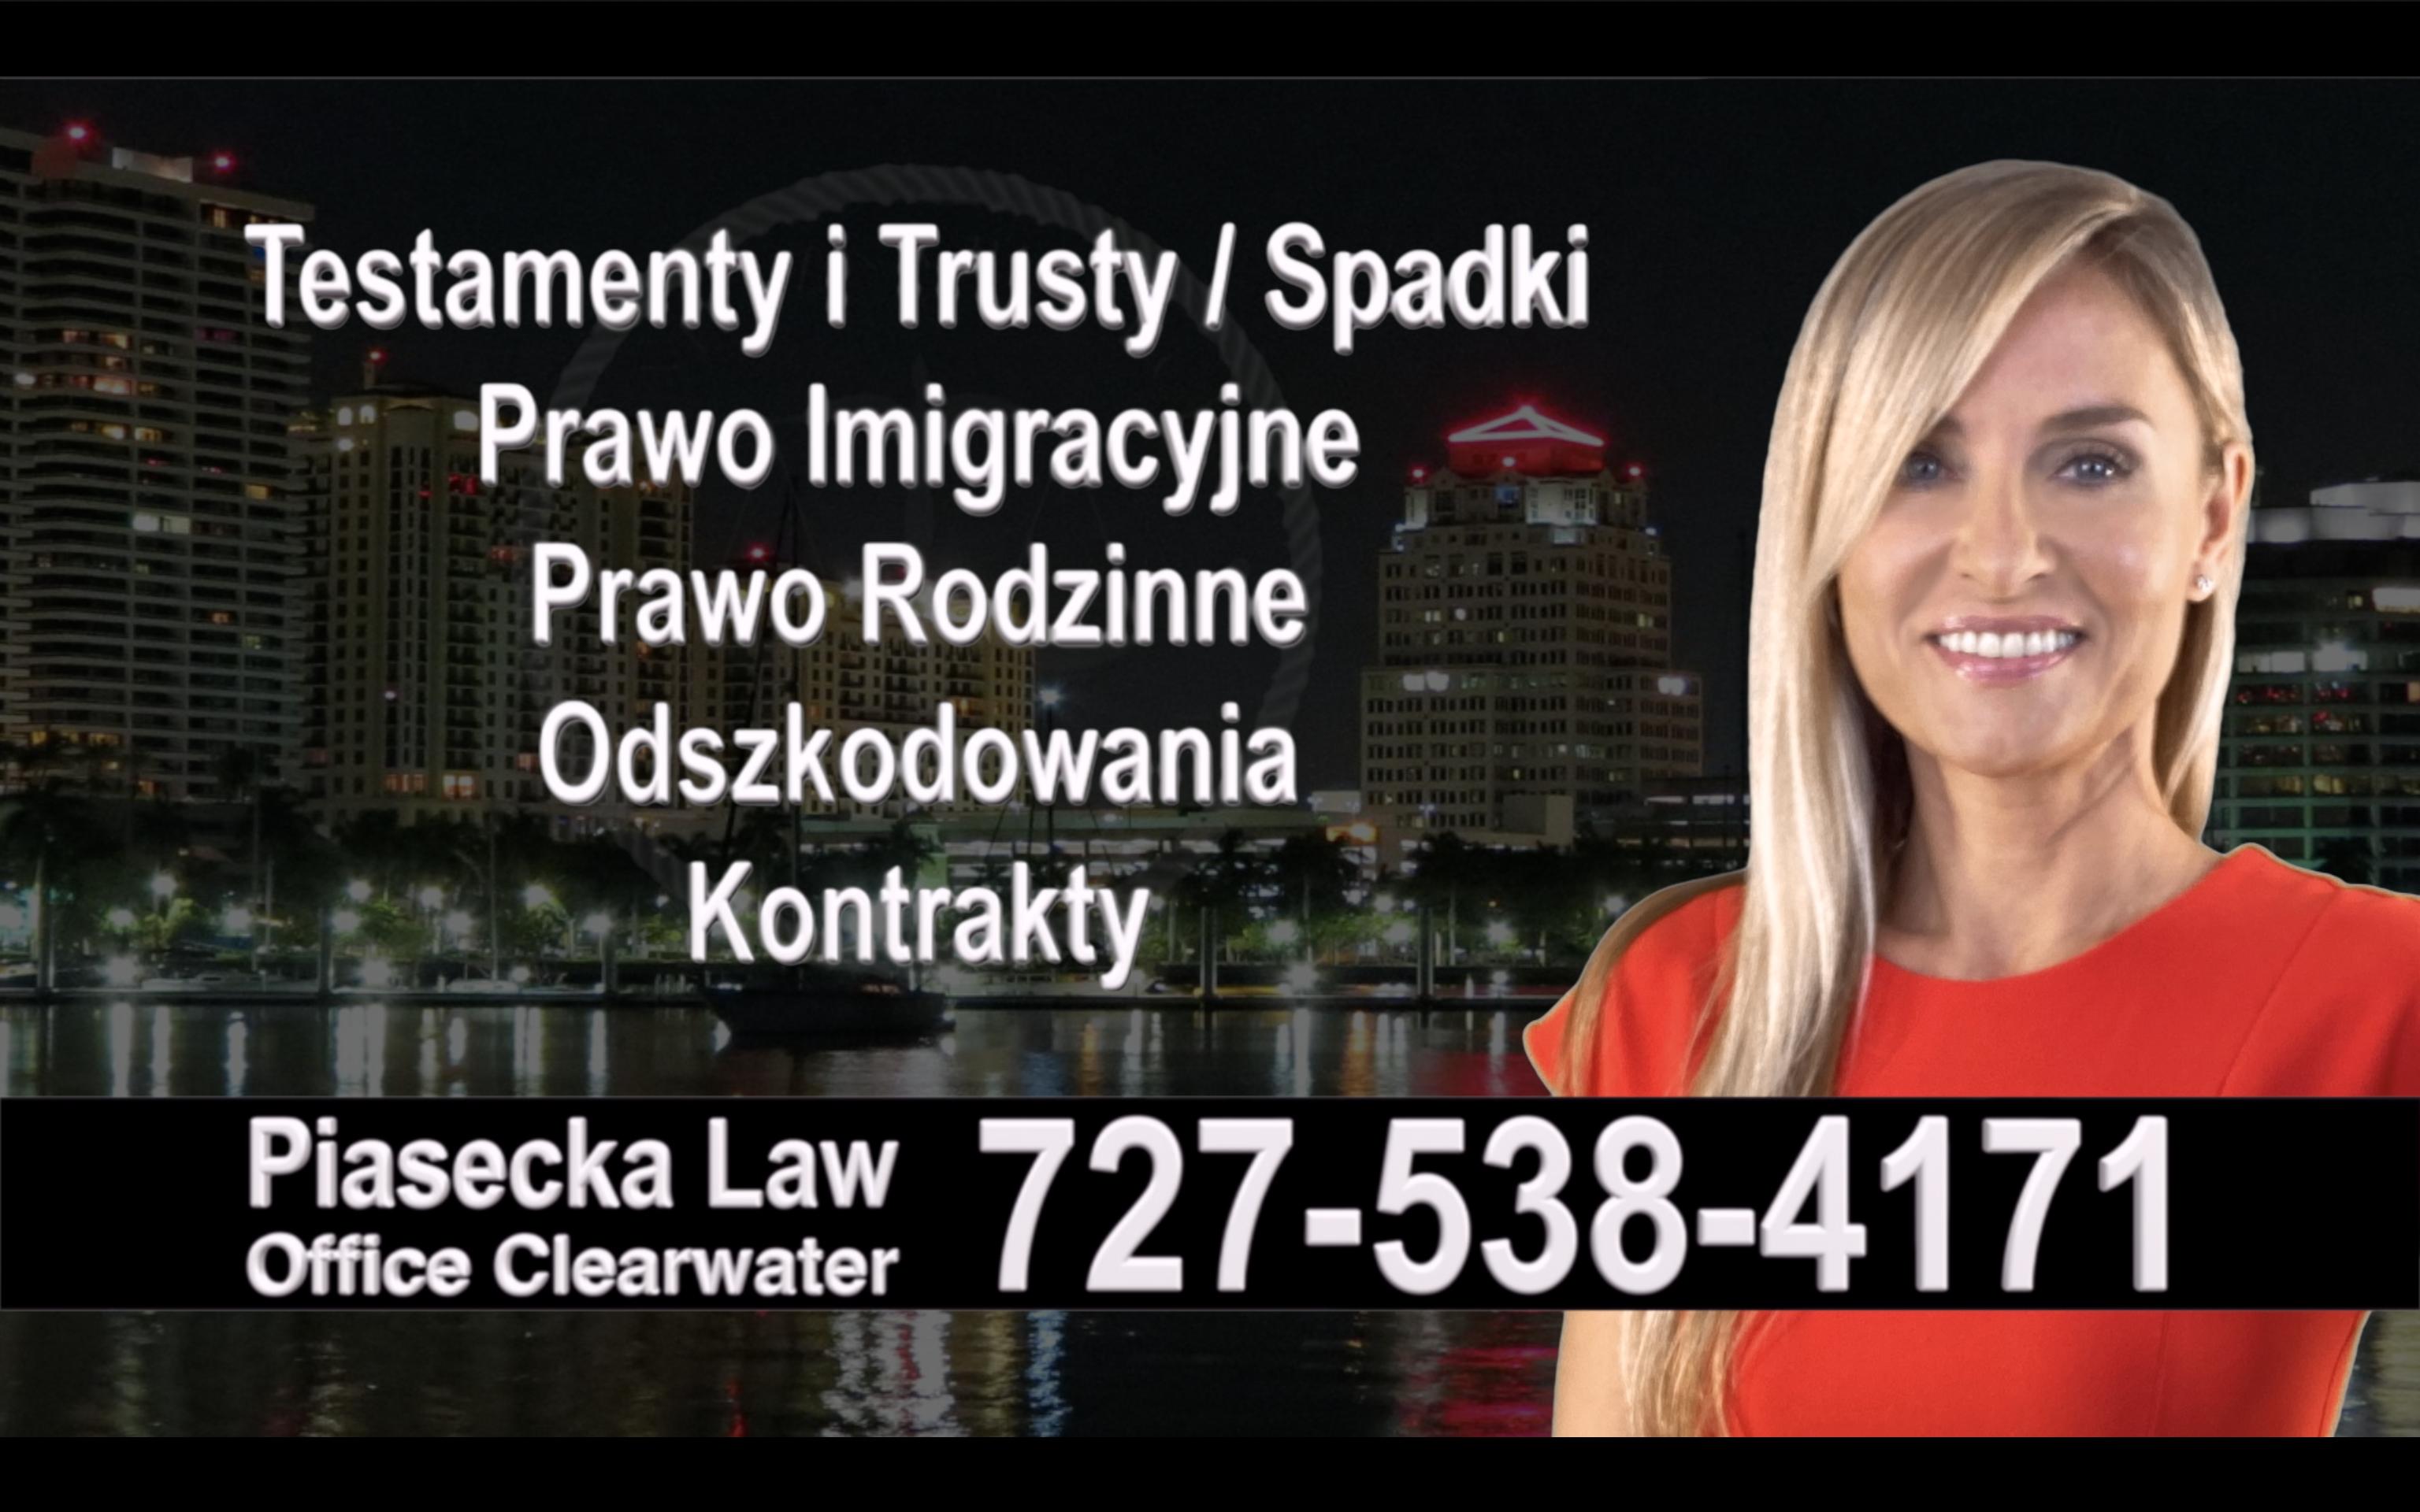 Tampa Bay Polski, Prawnik, Adwokat, Testamenty, Trusty, Testament, Trust, Prawo, Spadkowe, Imigracyjne, Rodzinne, Rozwód, Wypadki, Agnieszka Piasecka